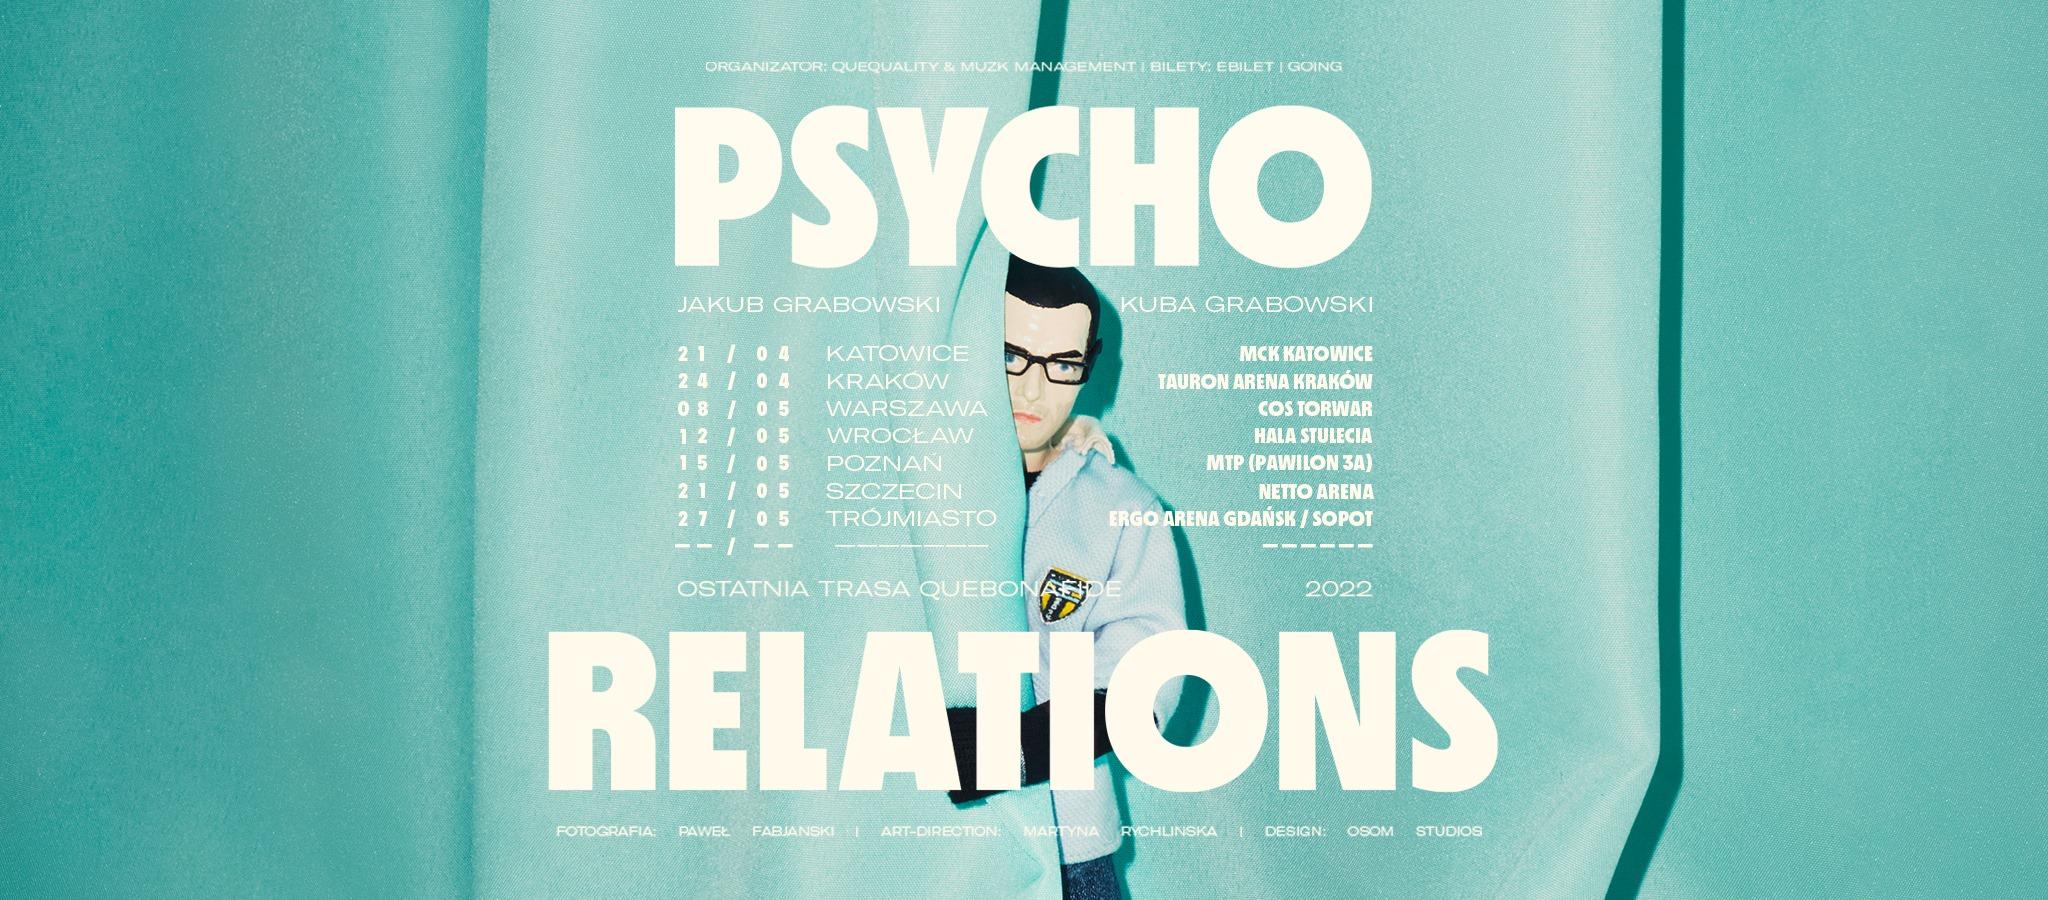 Psycho Relations    Quebonafide zapowiada ostatnią trasę!